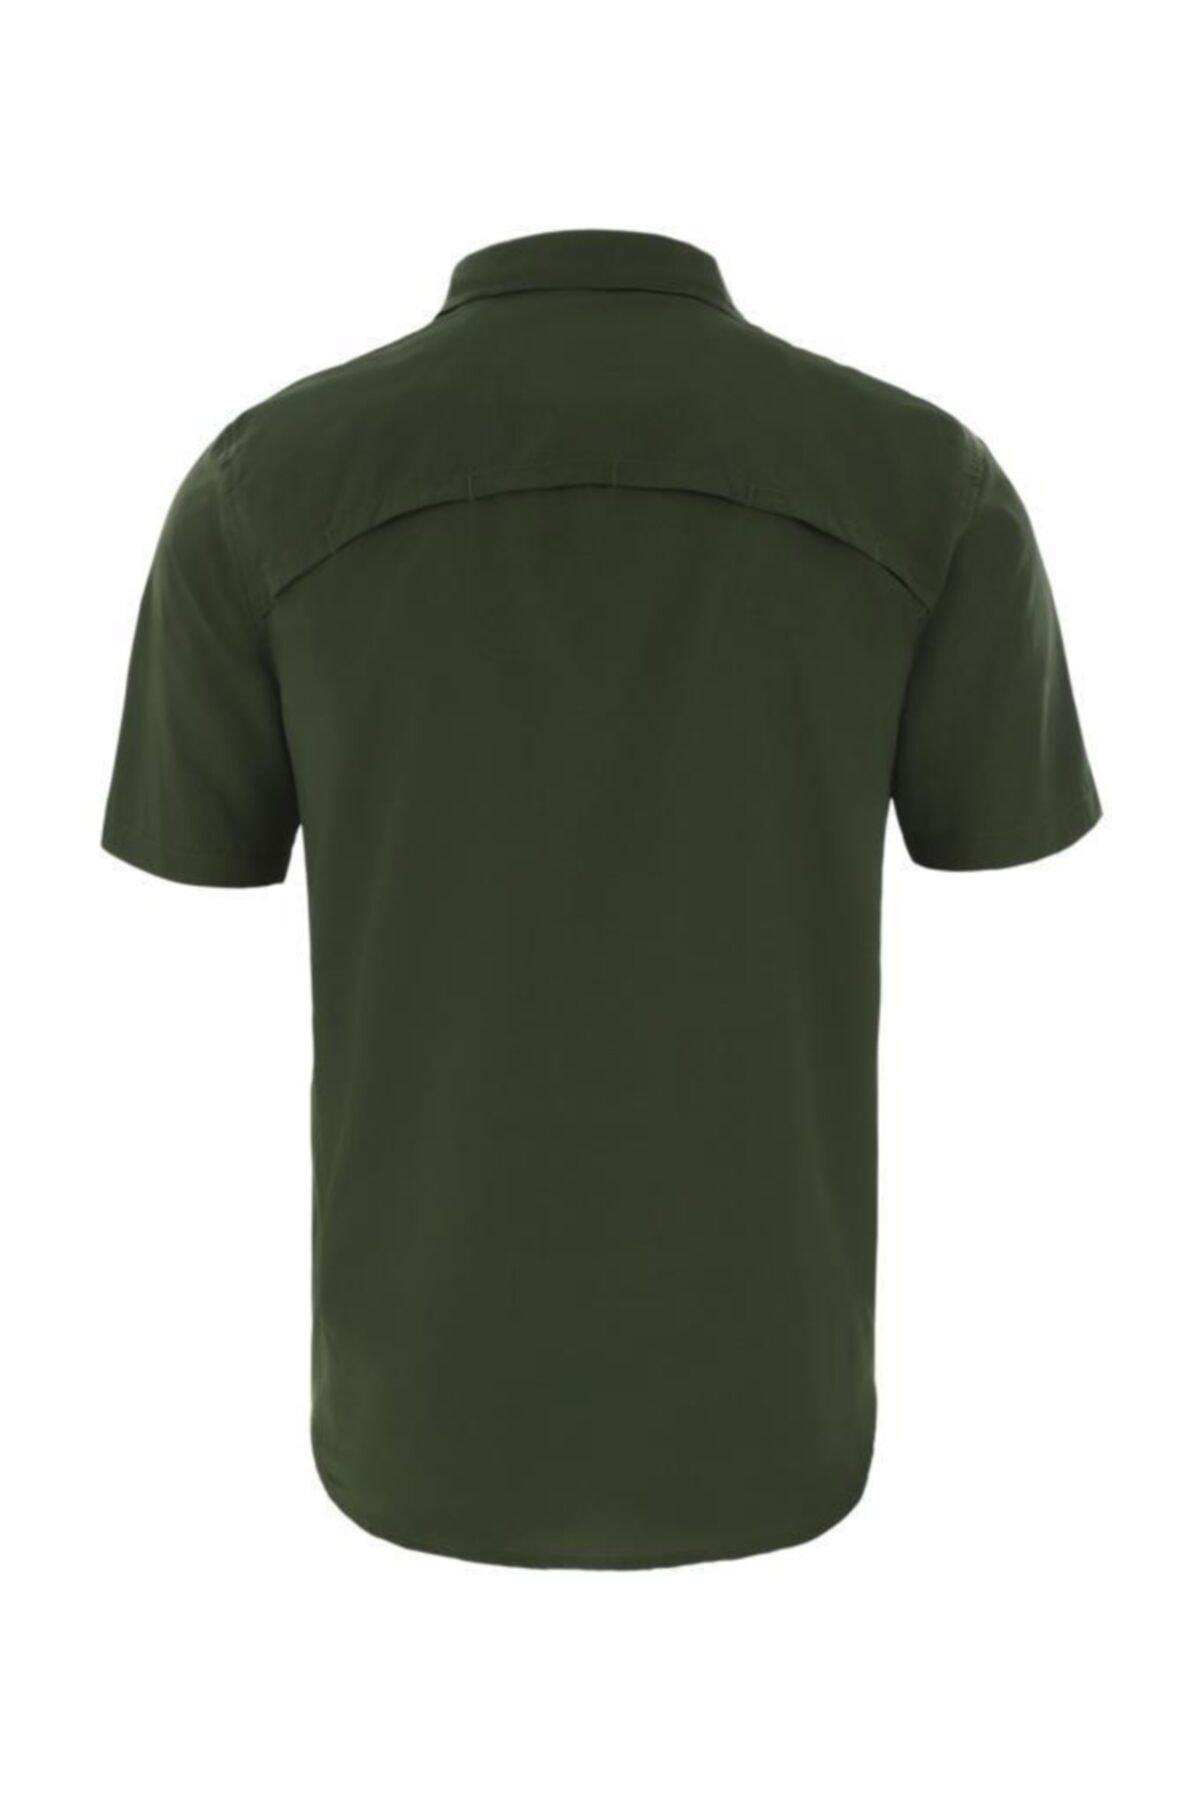 THE NORTH FACE S/s Sequoıa Kısa Kollu Erkek Gömlek Yeşil 2